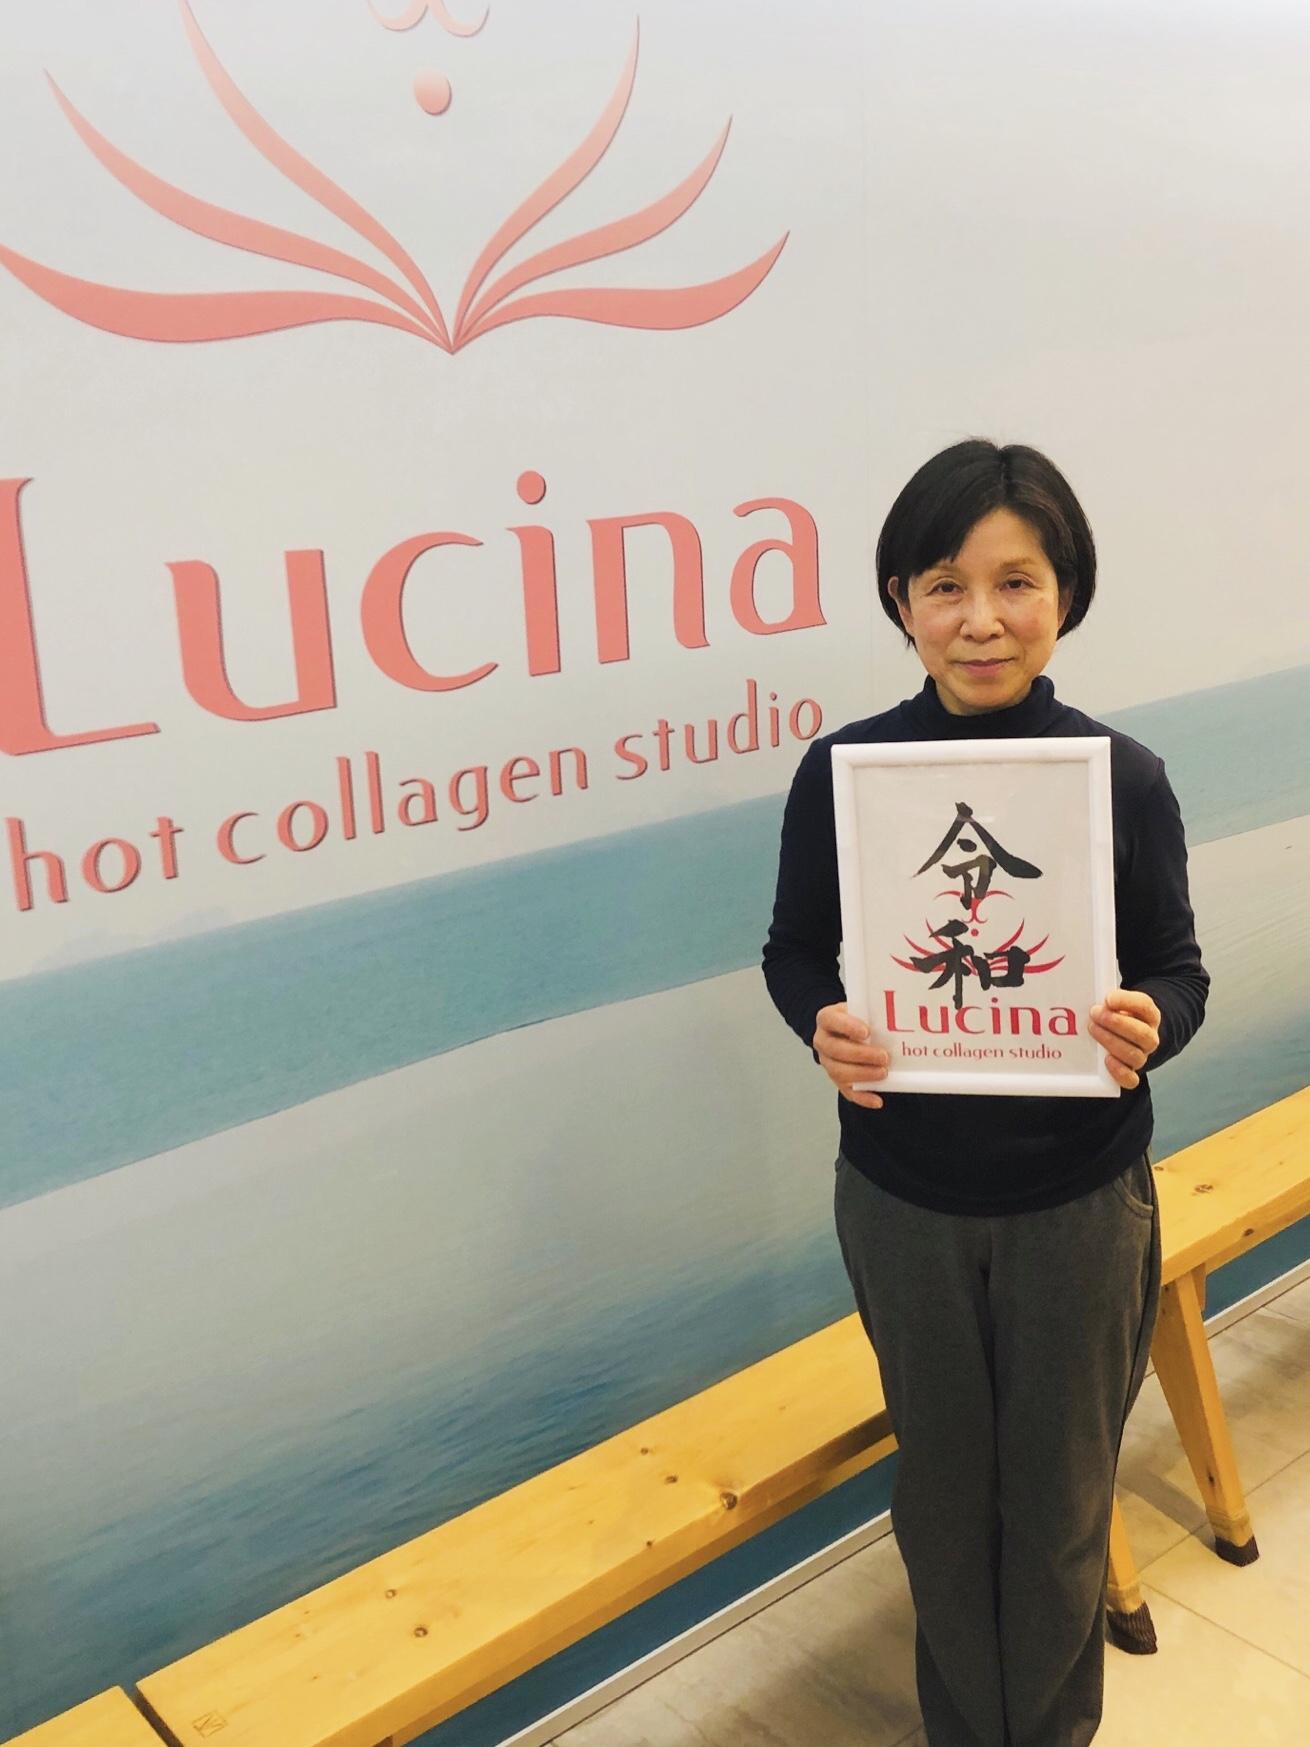 改元記念『令和』EVENT⑤ in Lucina